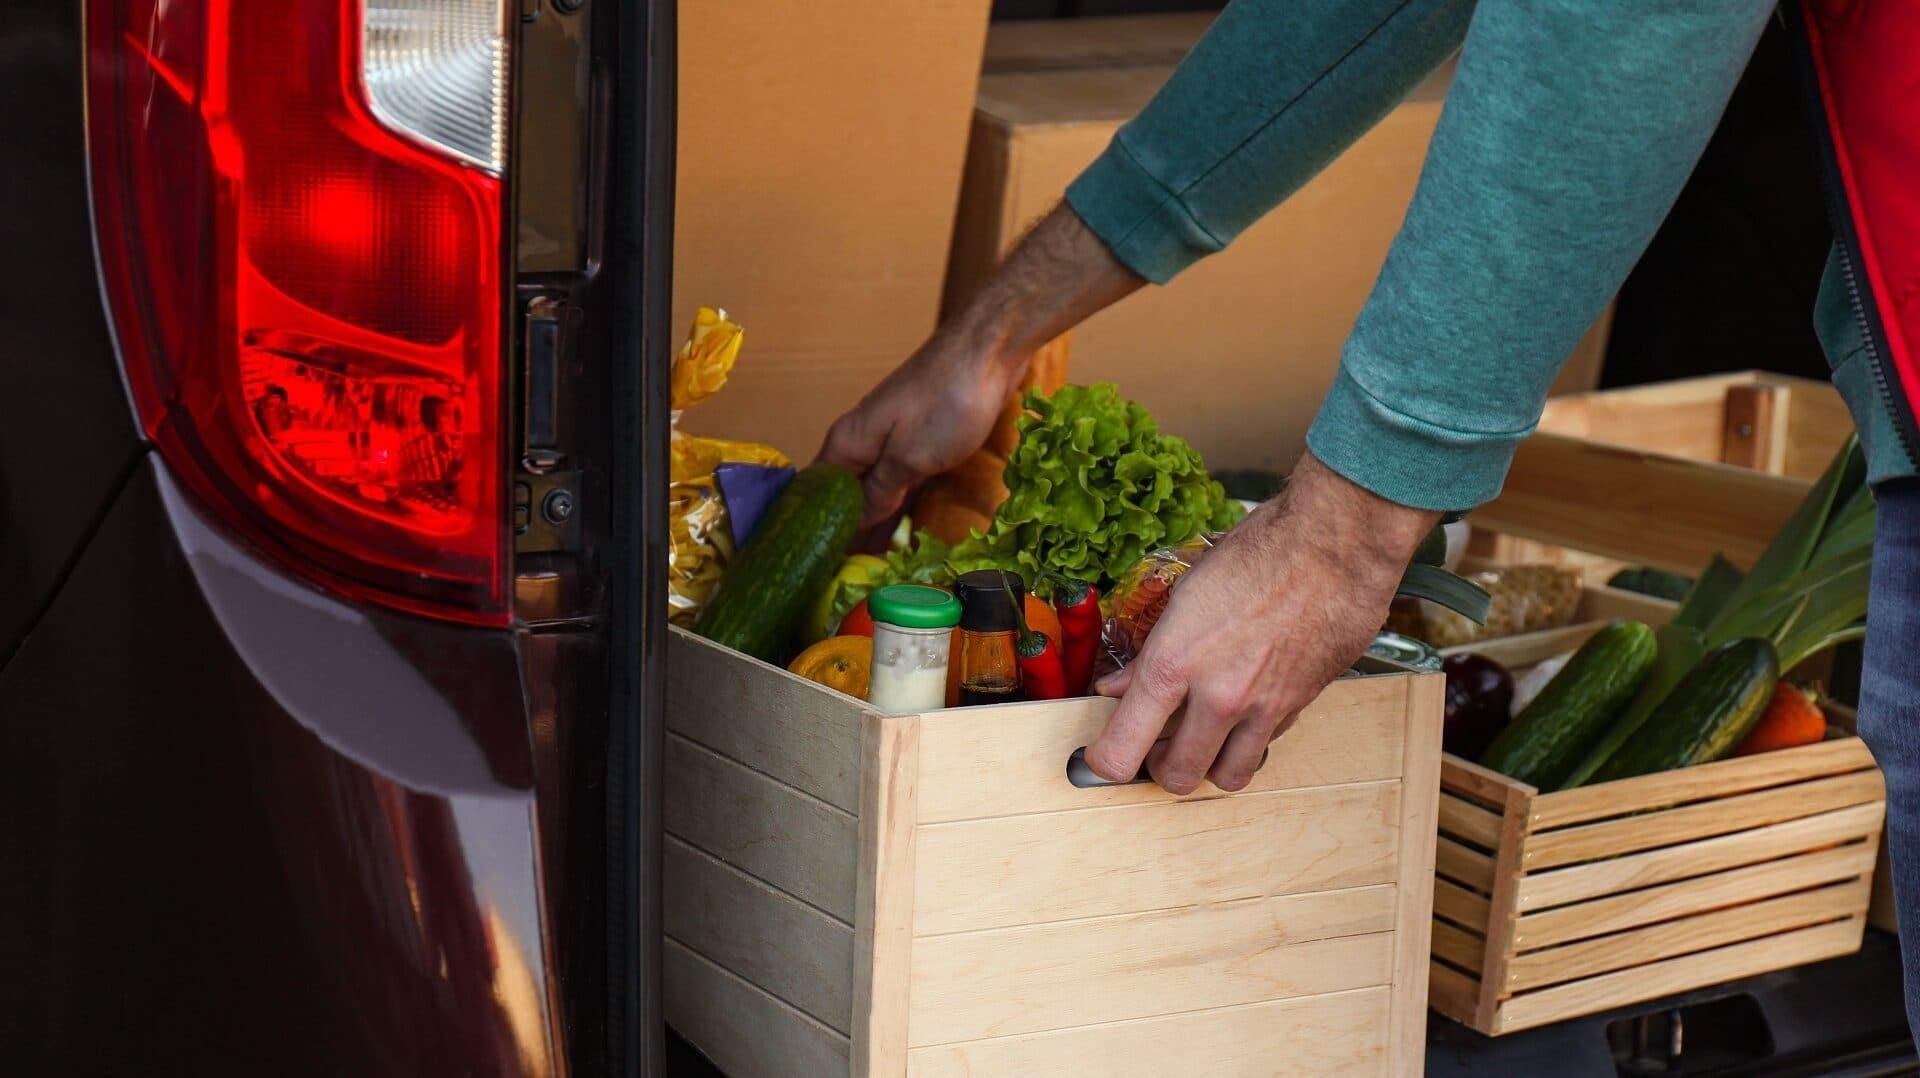 Lieferant hebt Bio-Kiste aus Kofferraum